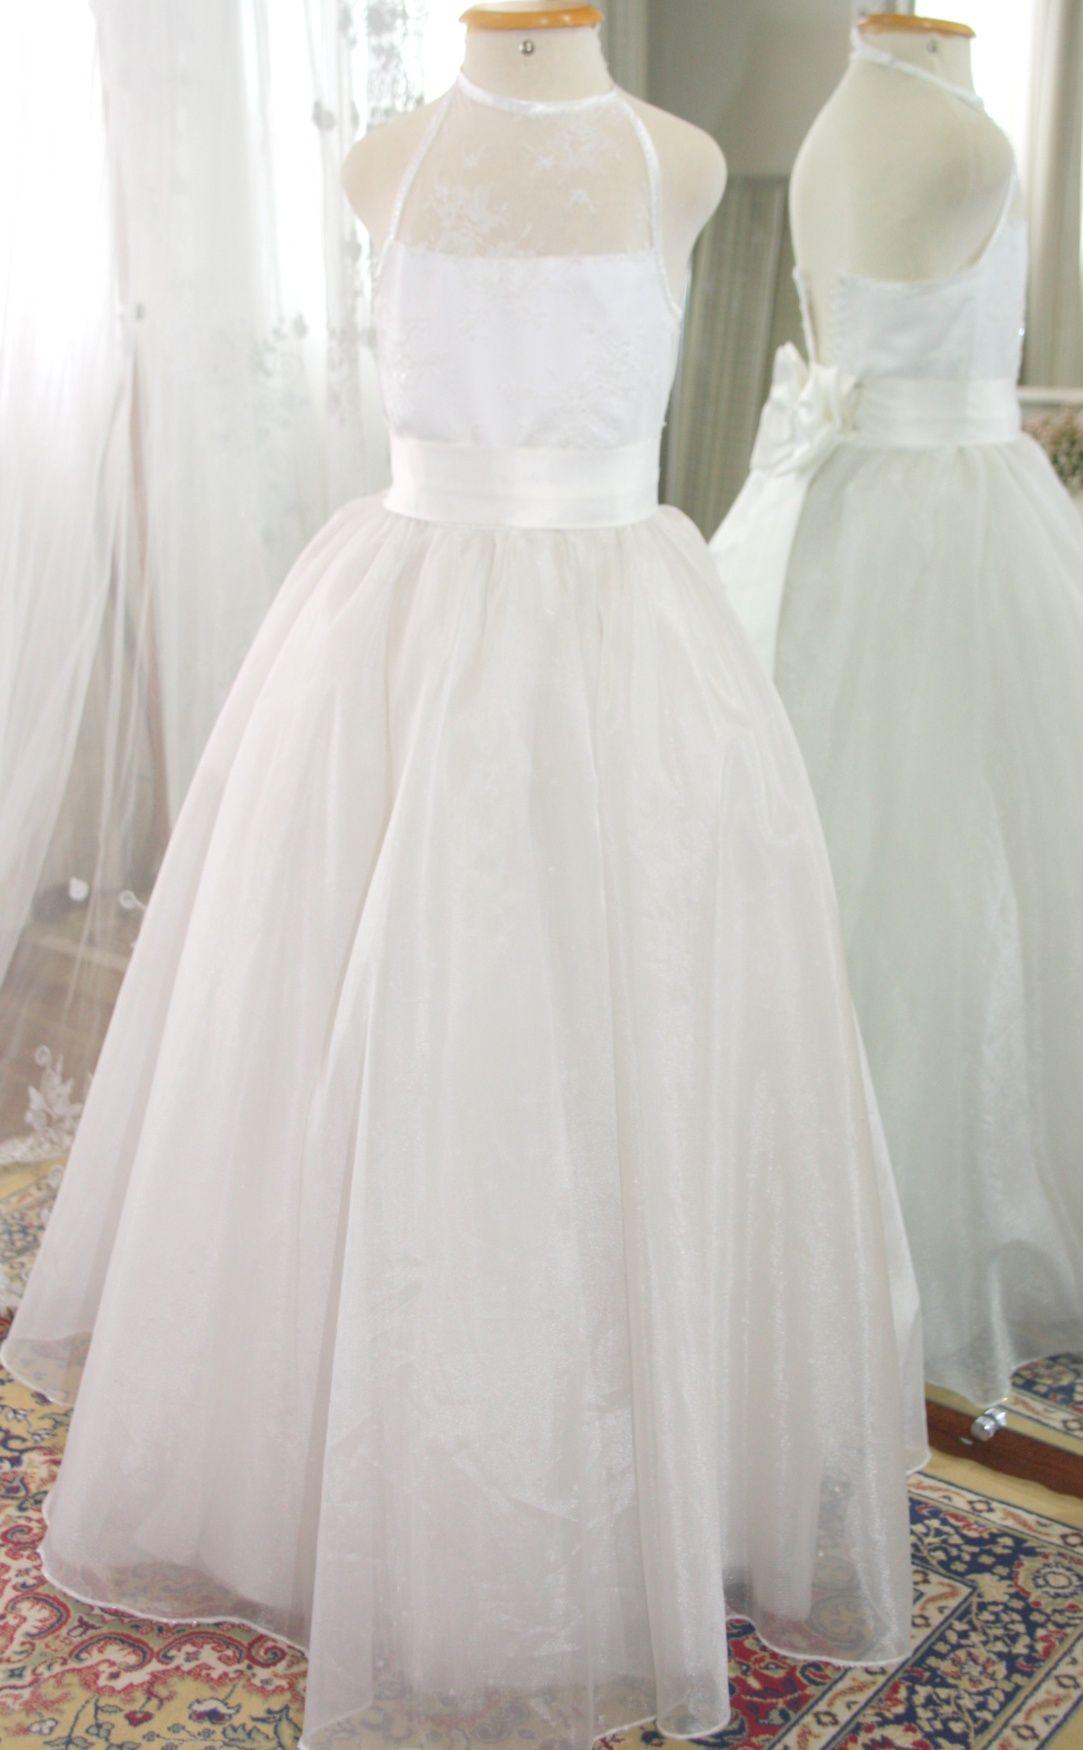 Vestidos para Daminha - 131 - Hipnose Alta Costura e Spa para Noivas e Noivos - Campinas - SP Vestido de Daminha, Vestido para Daminha de Casamento, Hipnose Alta Costura